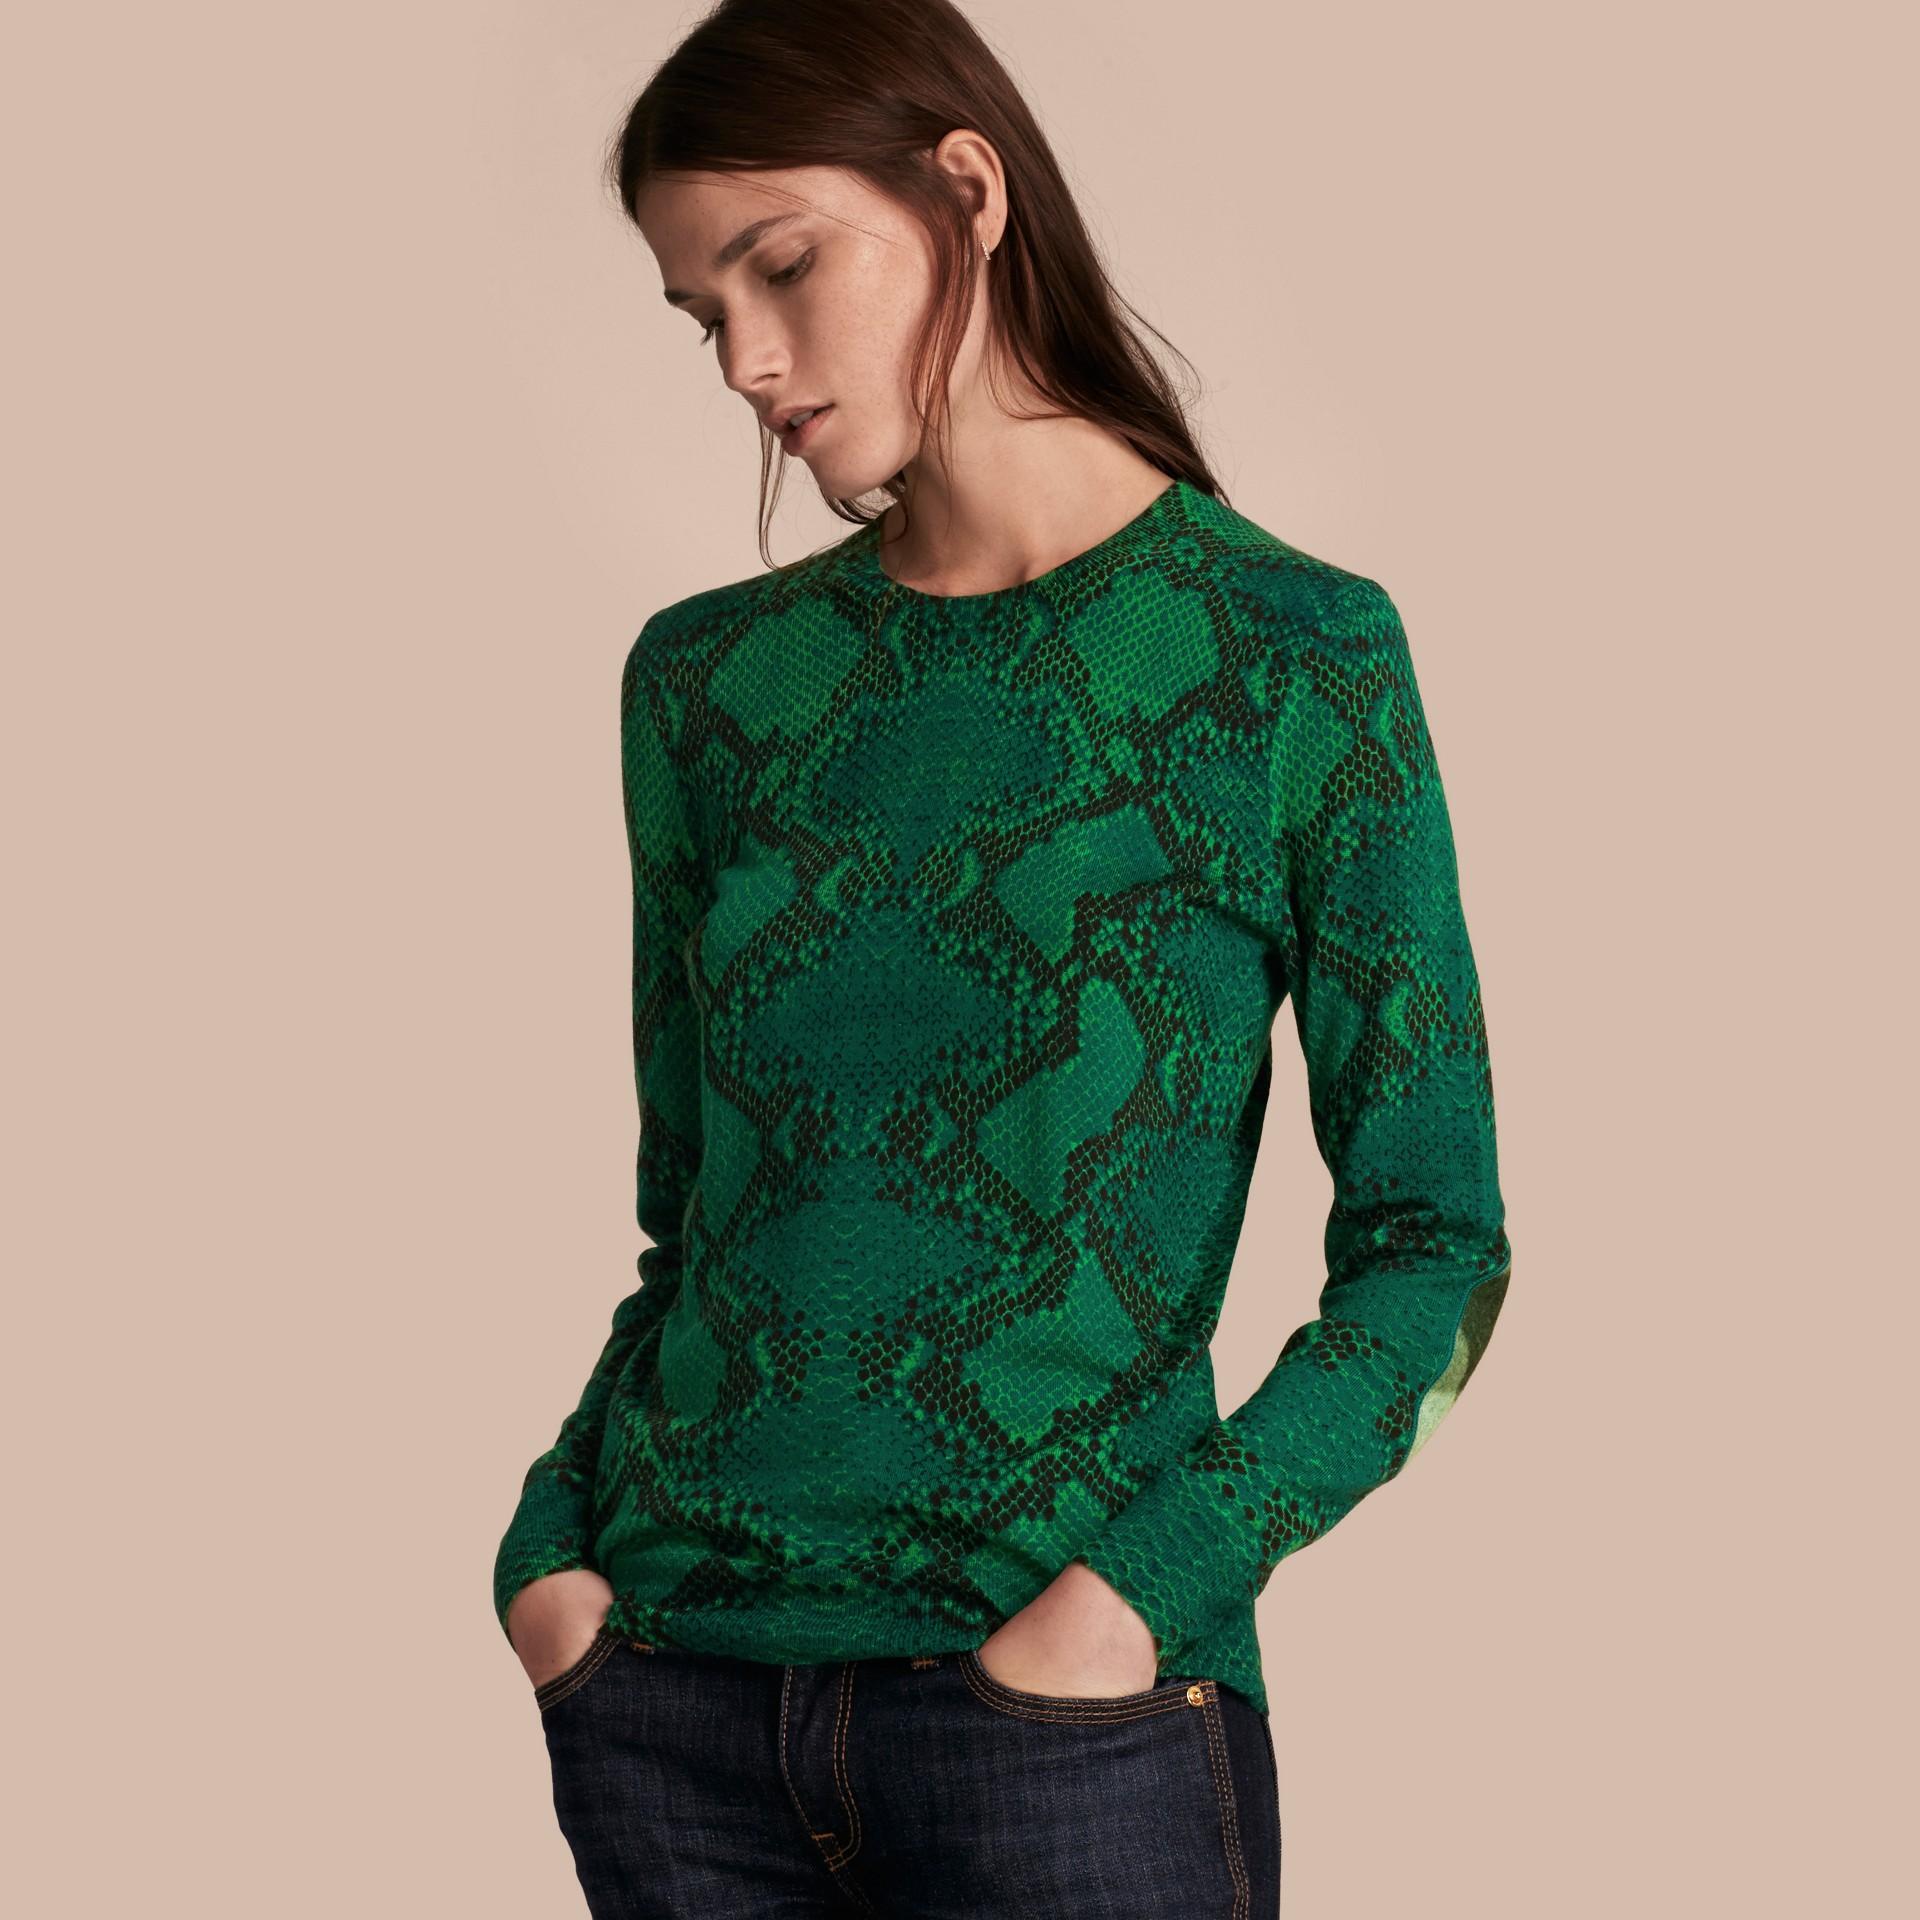 Verde pigmento Suéter de lã Merino com estampa de píton e detalhe xadrez Verde Pigmento - galeria de imagens 1